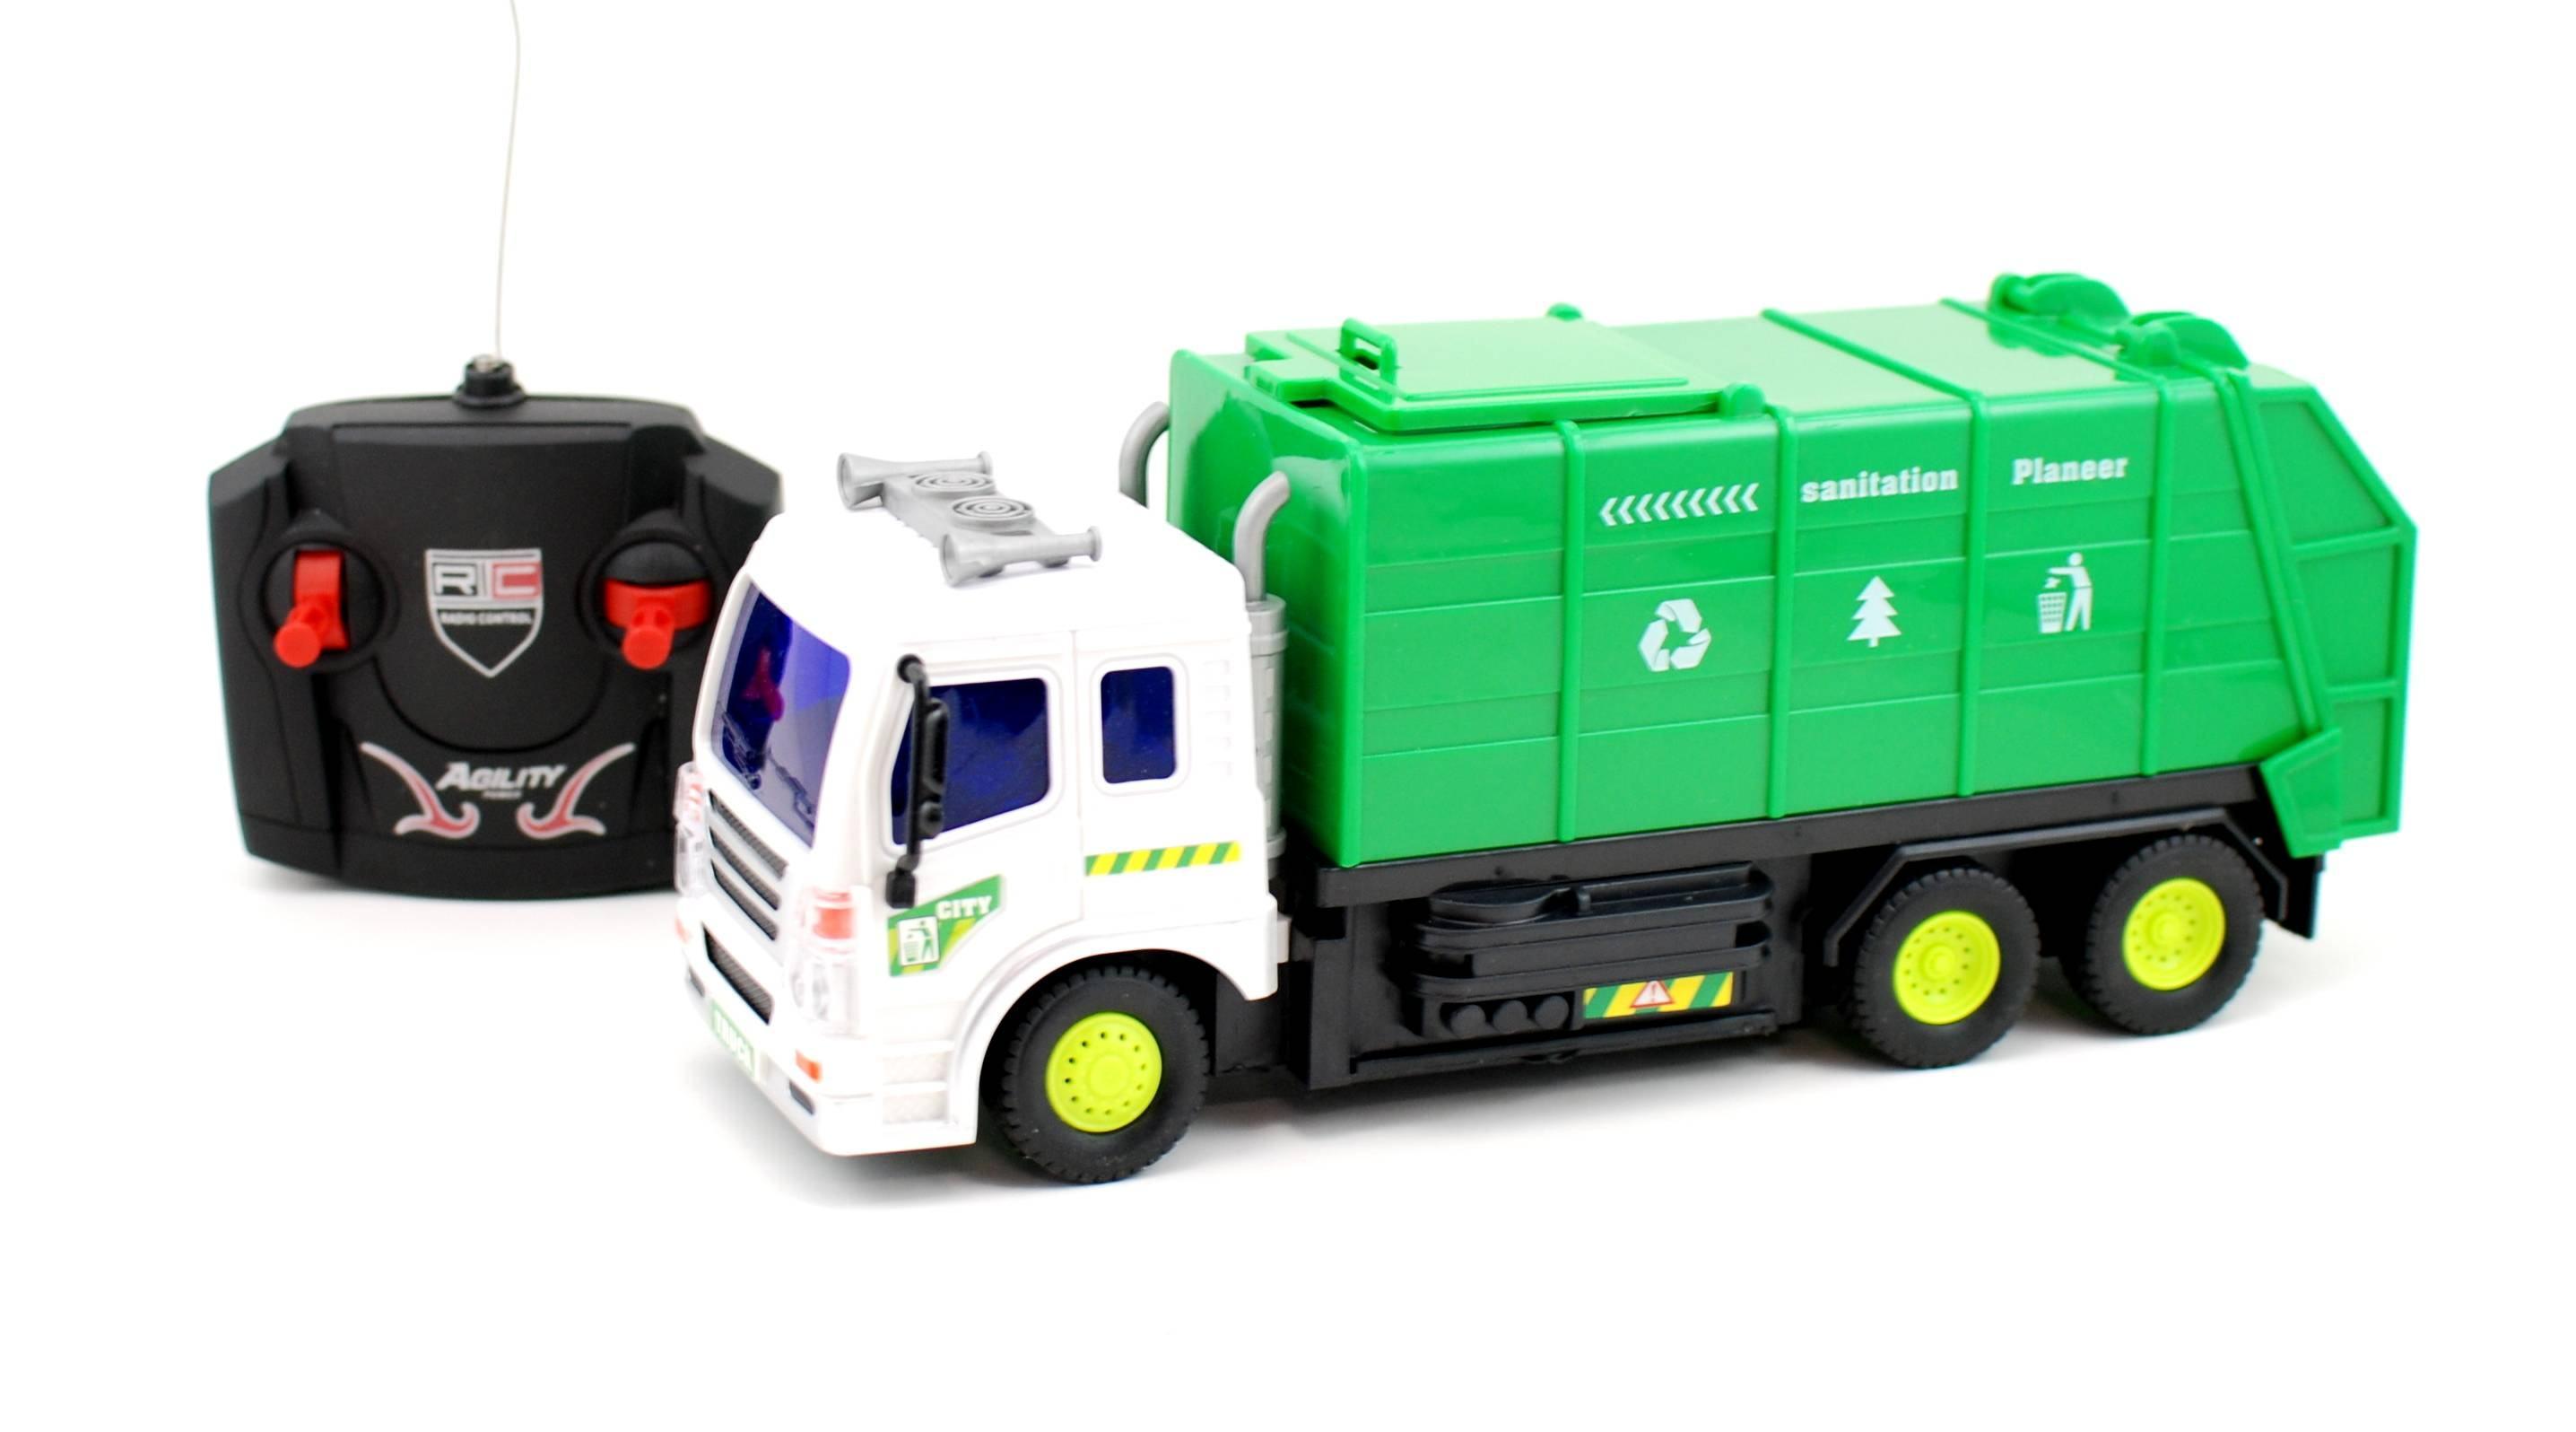 Masina de gunoi cu radio comanda - Masinuta de jucarie cu telecomanda